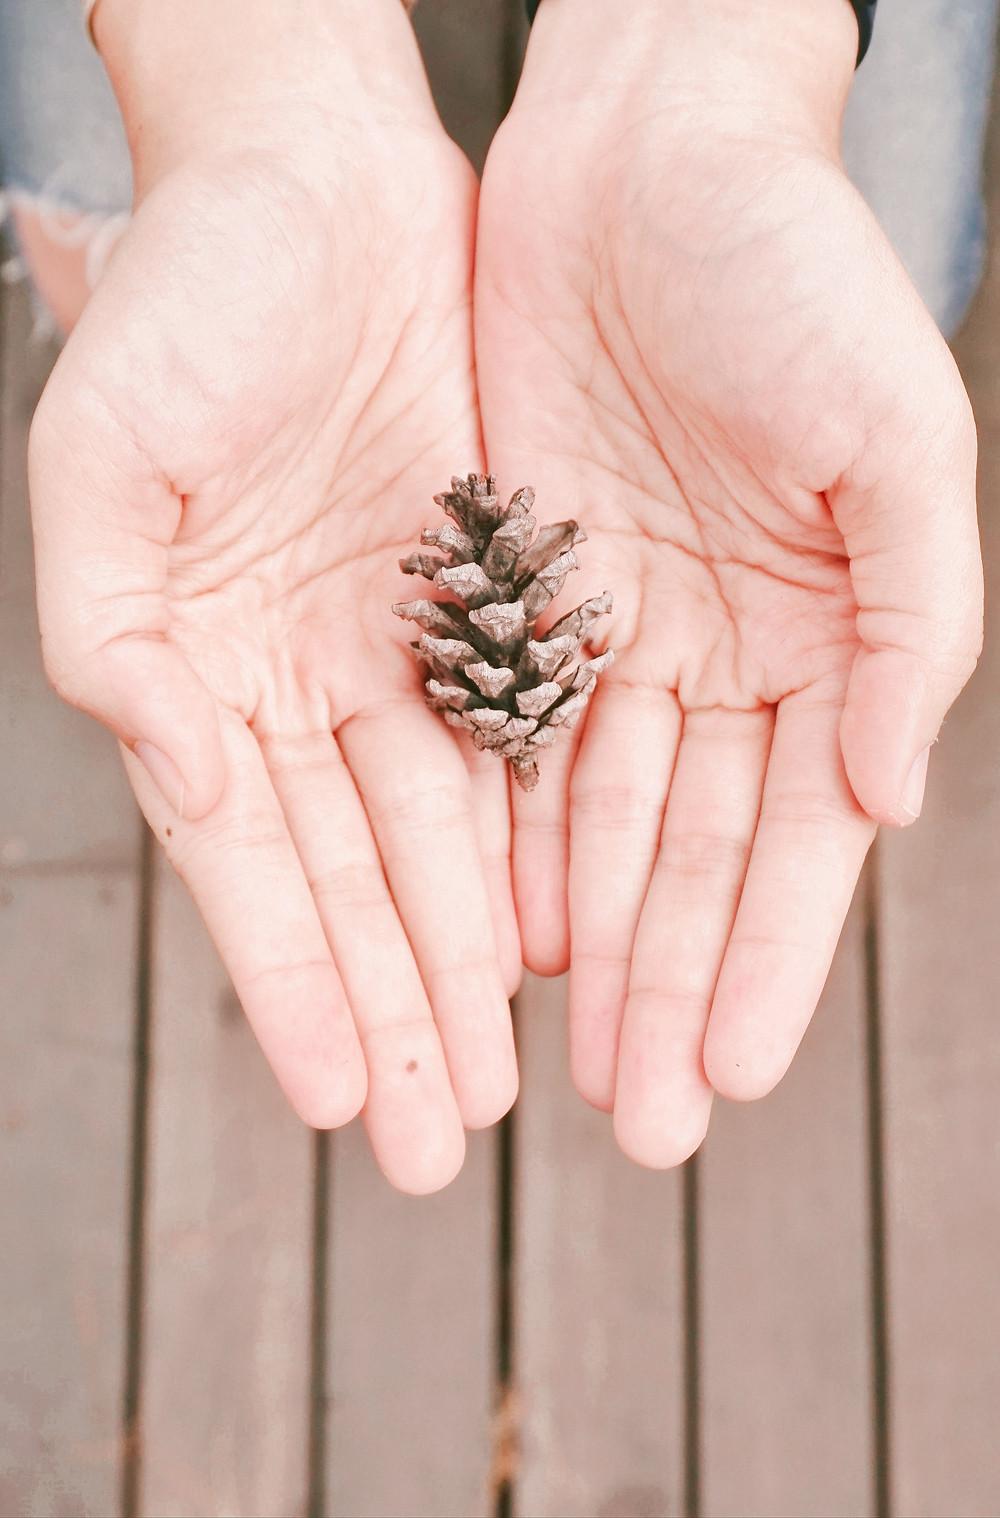 hands holding tiny tiny pinecone